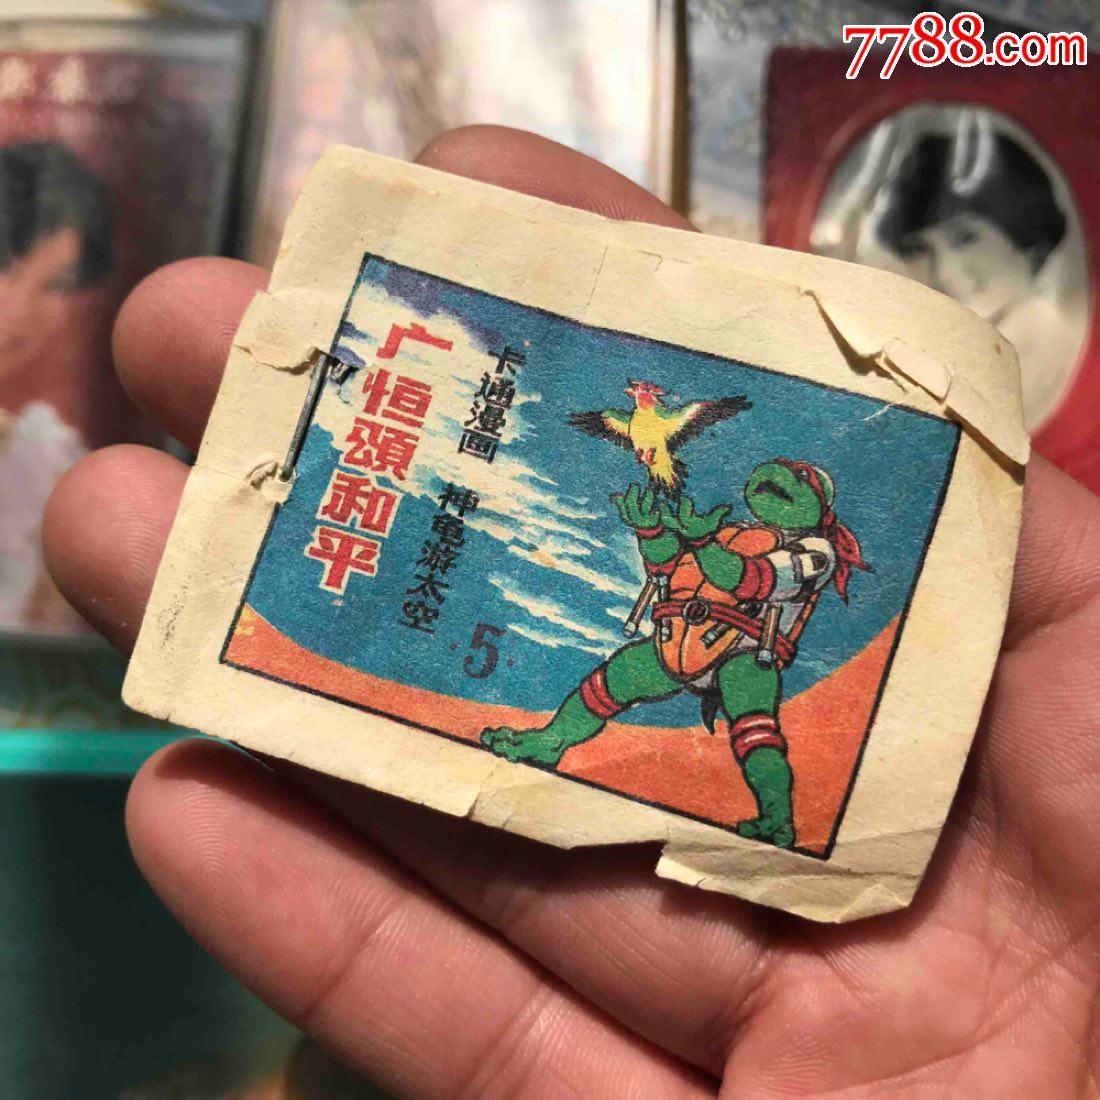 80后漫画神龟坨螺、忍者食品漫画书等一堆要第交换吗6玩具图片